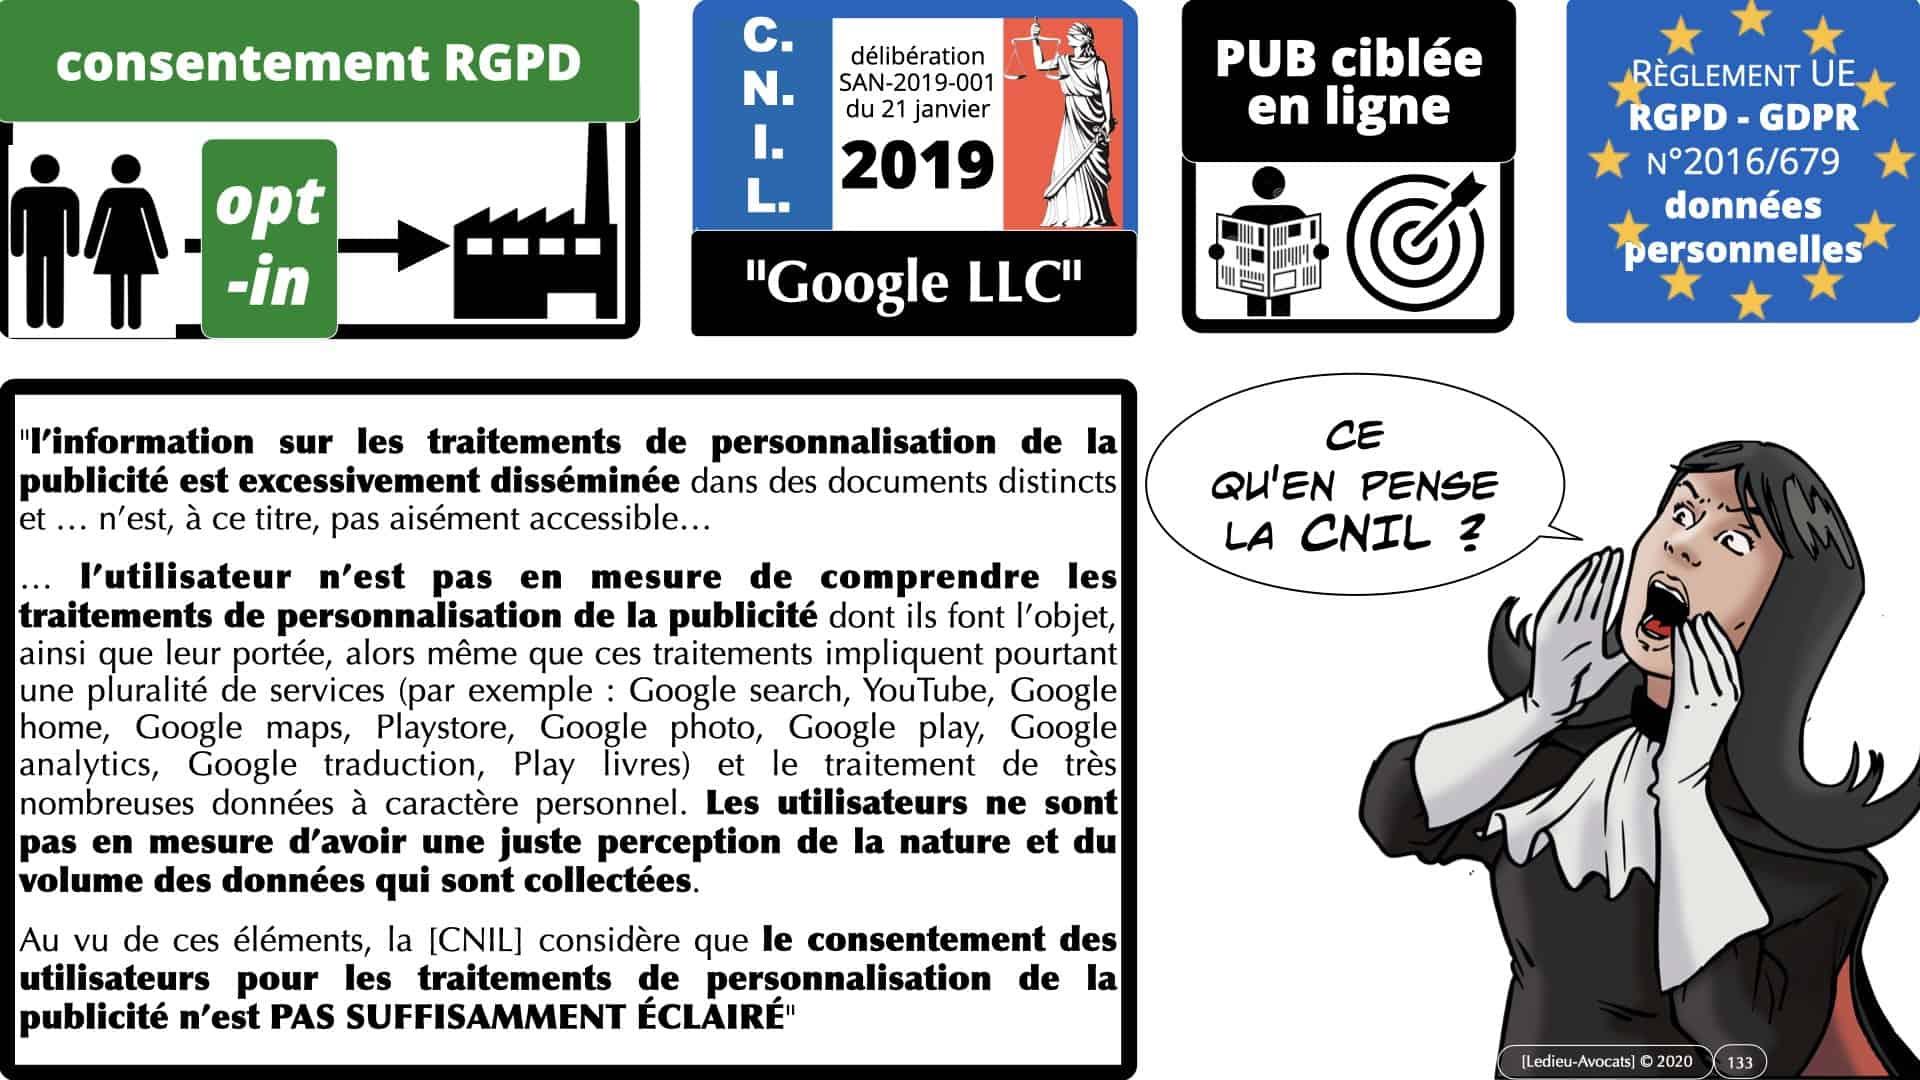 RGPD e-Privacy données personnelles jurisprudence formation Lamy Les Echos 10-02-2021 ©Ledieu-Avocats.133